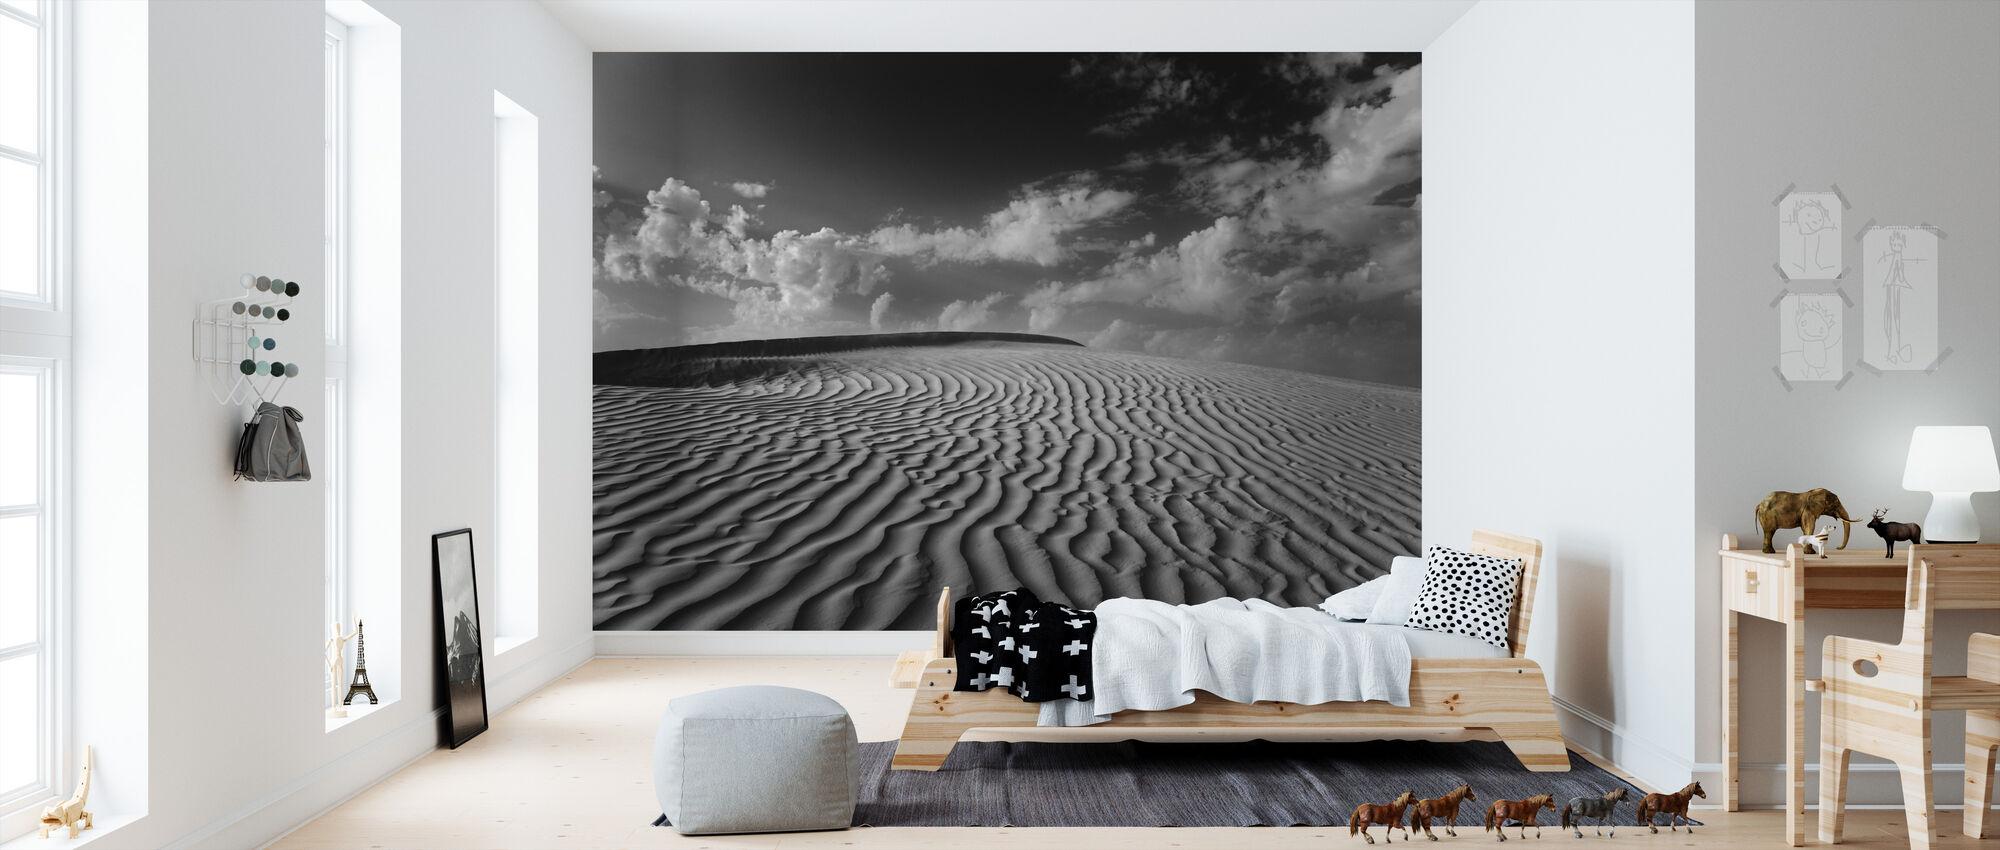 ørken Dune Sahara - Tapet - Barnerom